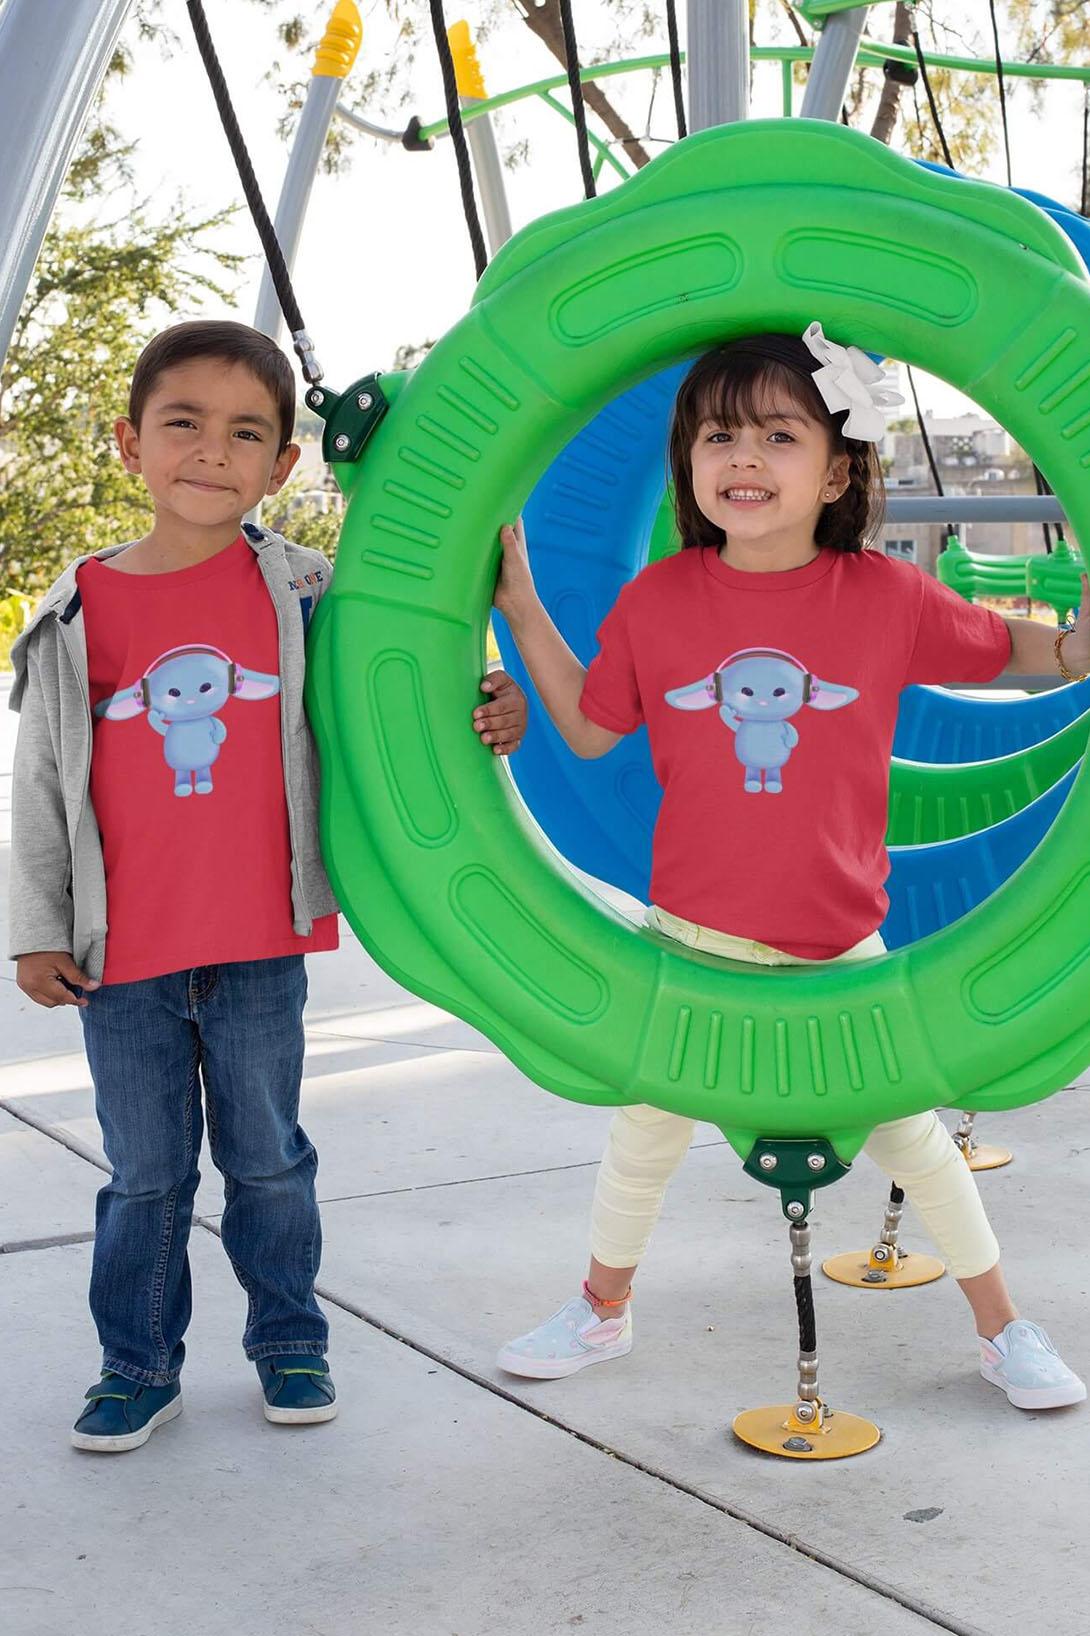 MMO Detské tričko Zajac so slúchadlami Vyberte farbu:: Trávová zelená, Detská veľkosť: 146/10 rokov